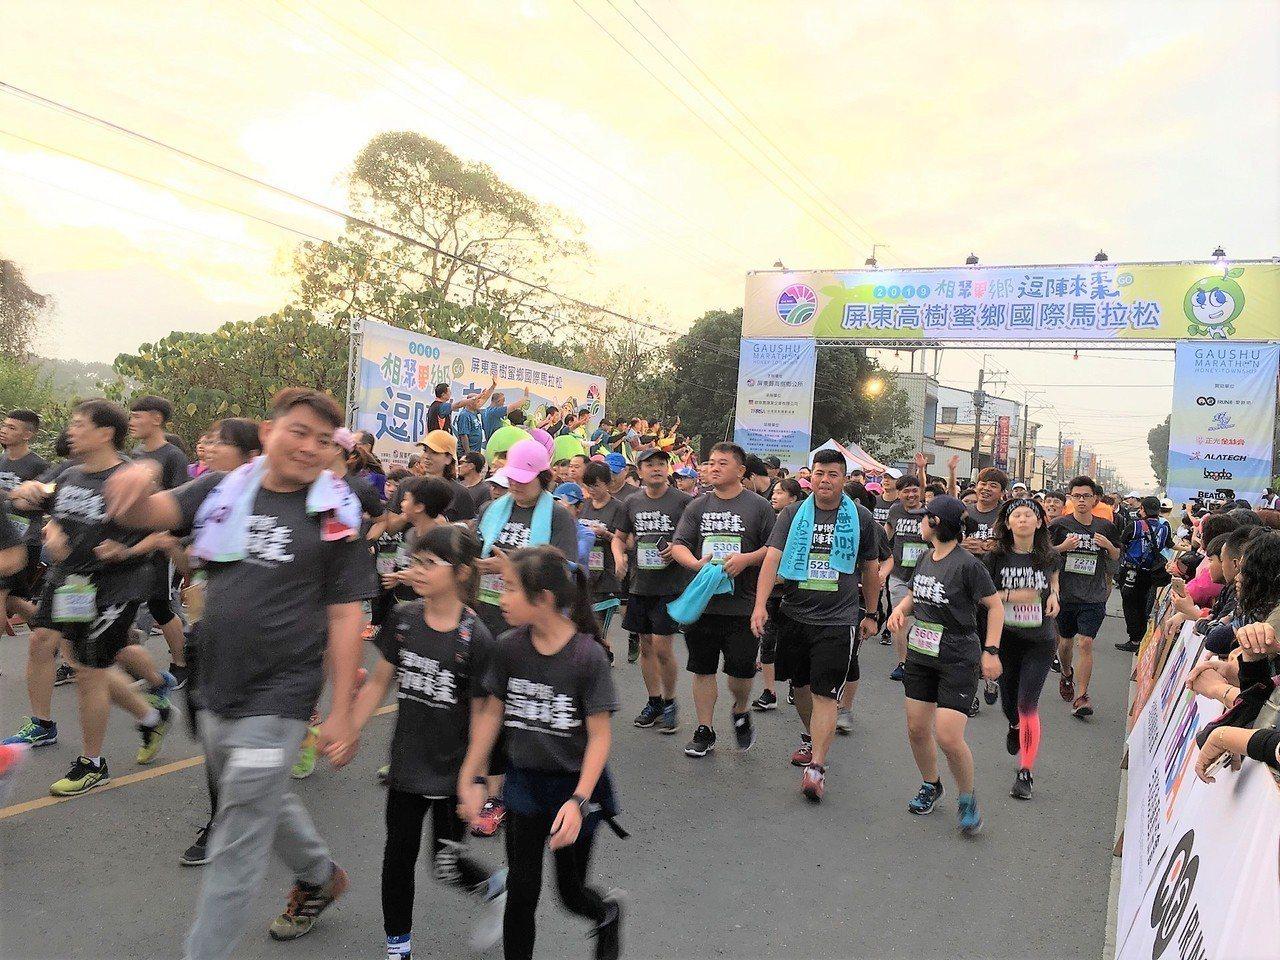 屏東縣高樹鄉今天舉行國際馬拉松賽,吸引上萬人參加。圖/高樹鄉公所提供